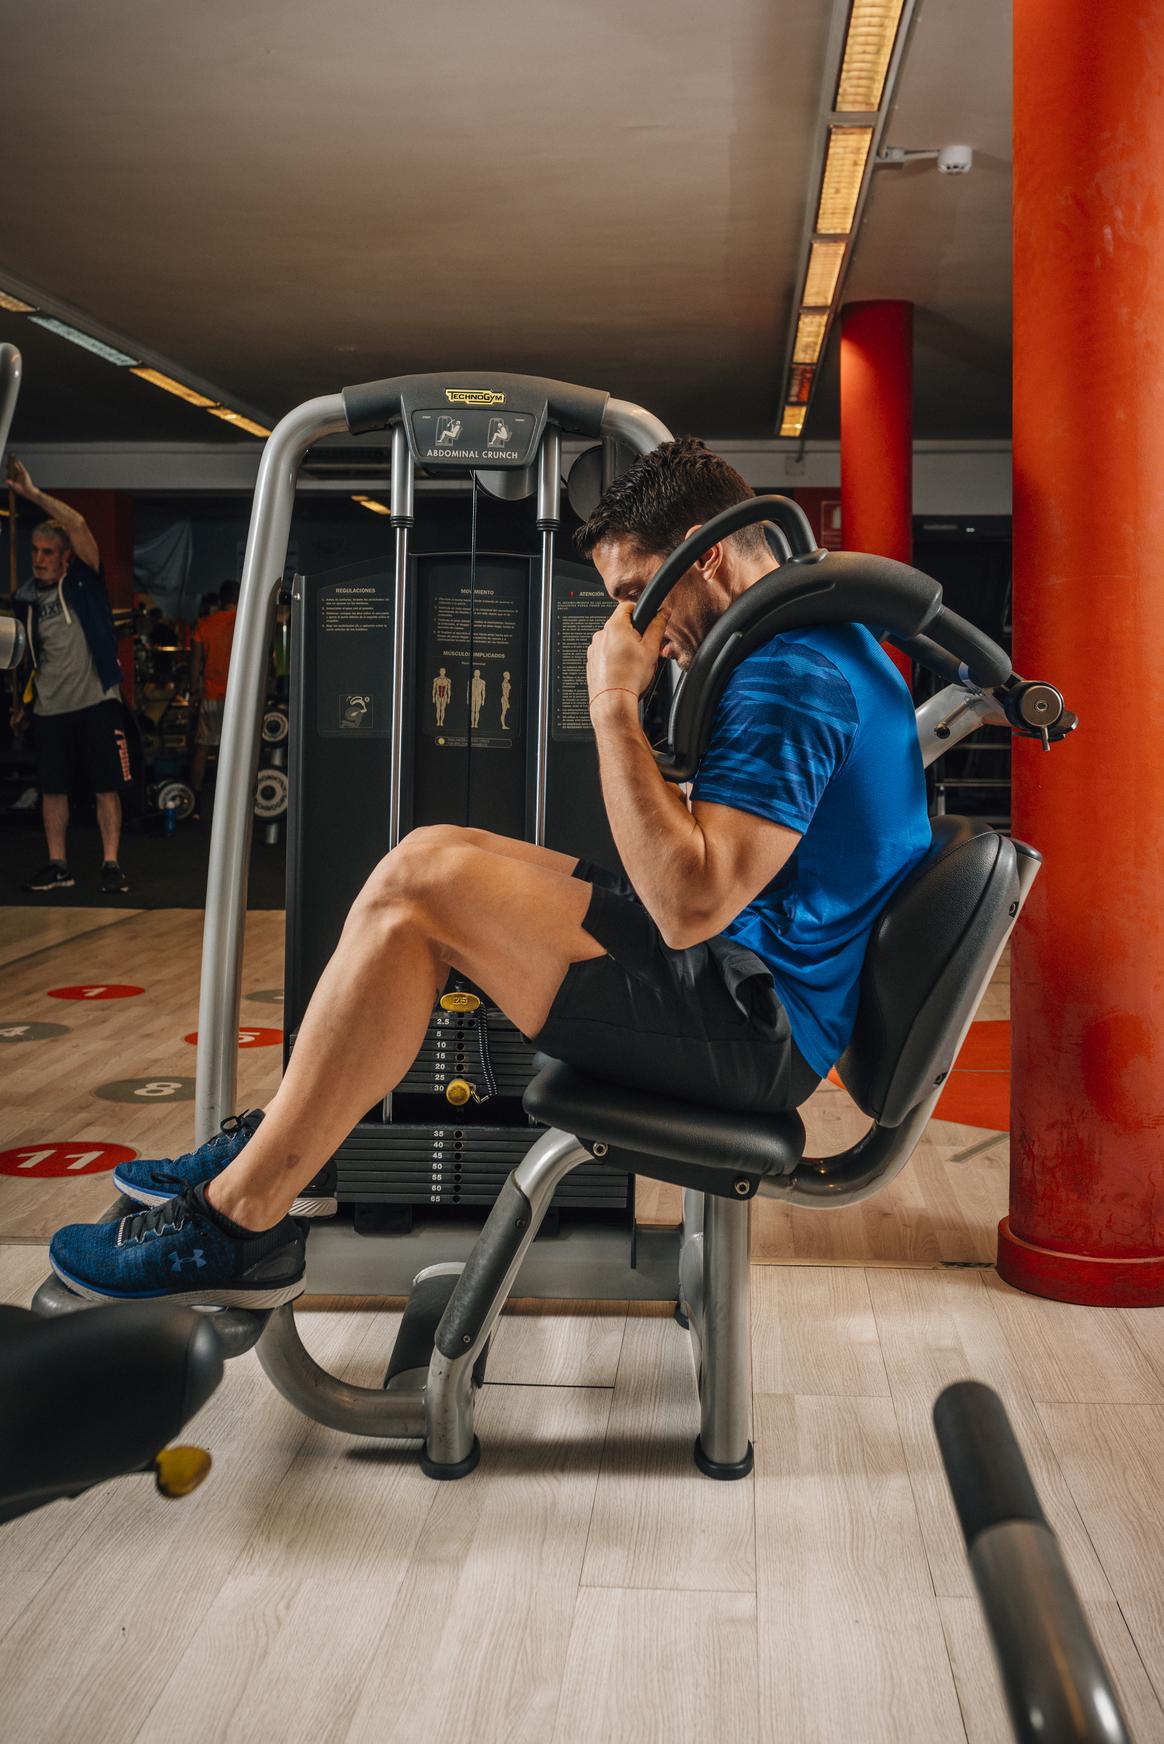 Ejercicios que debes evitar en el gimnasio